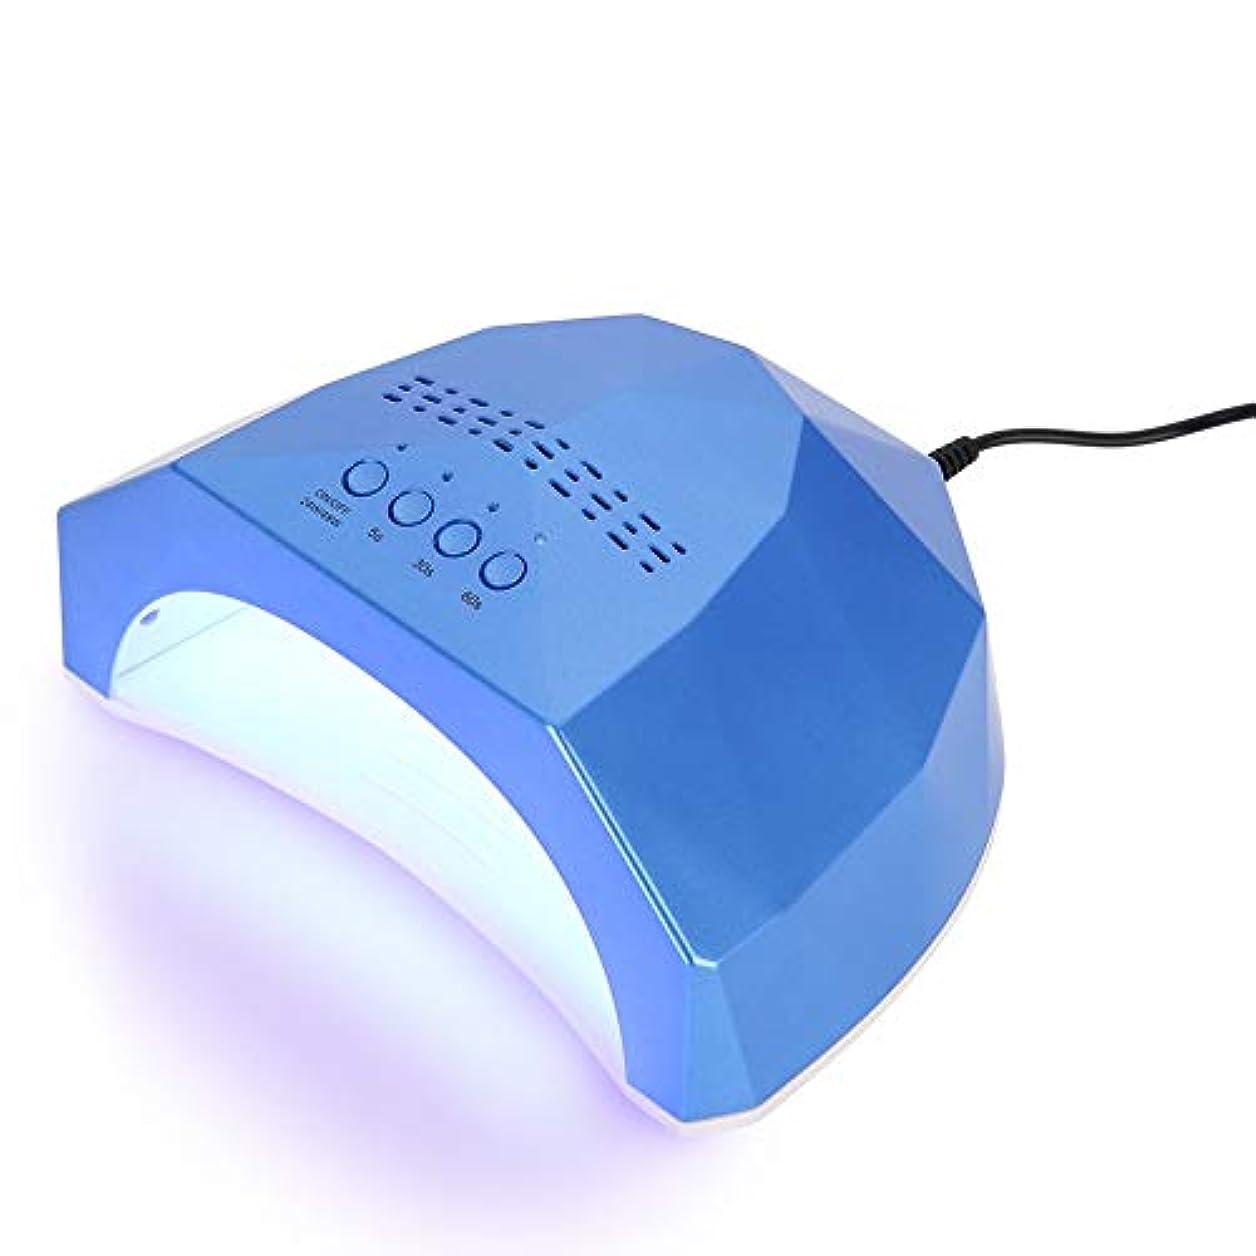 知人誤解させる夏48W ネイルアートLEDランプ ネイルドライヤー LED釘ランプのドライヤーラン 硬化マニキュア (Blue)